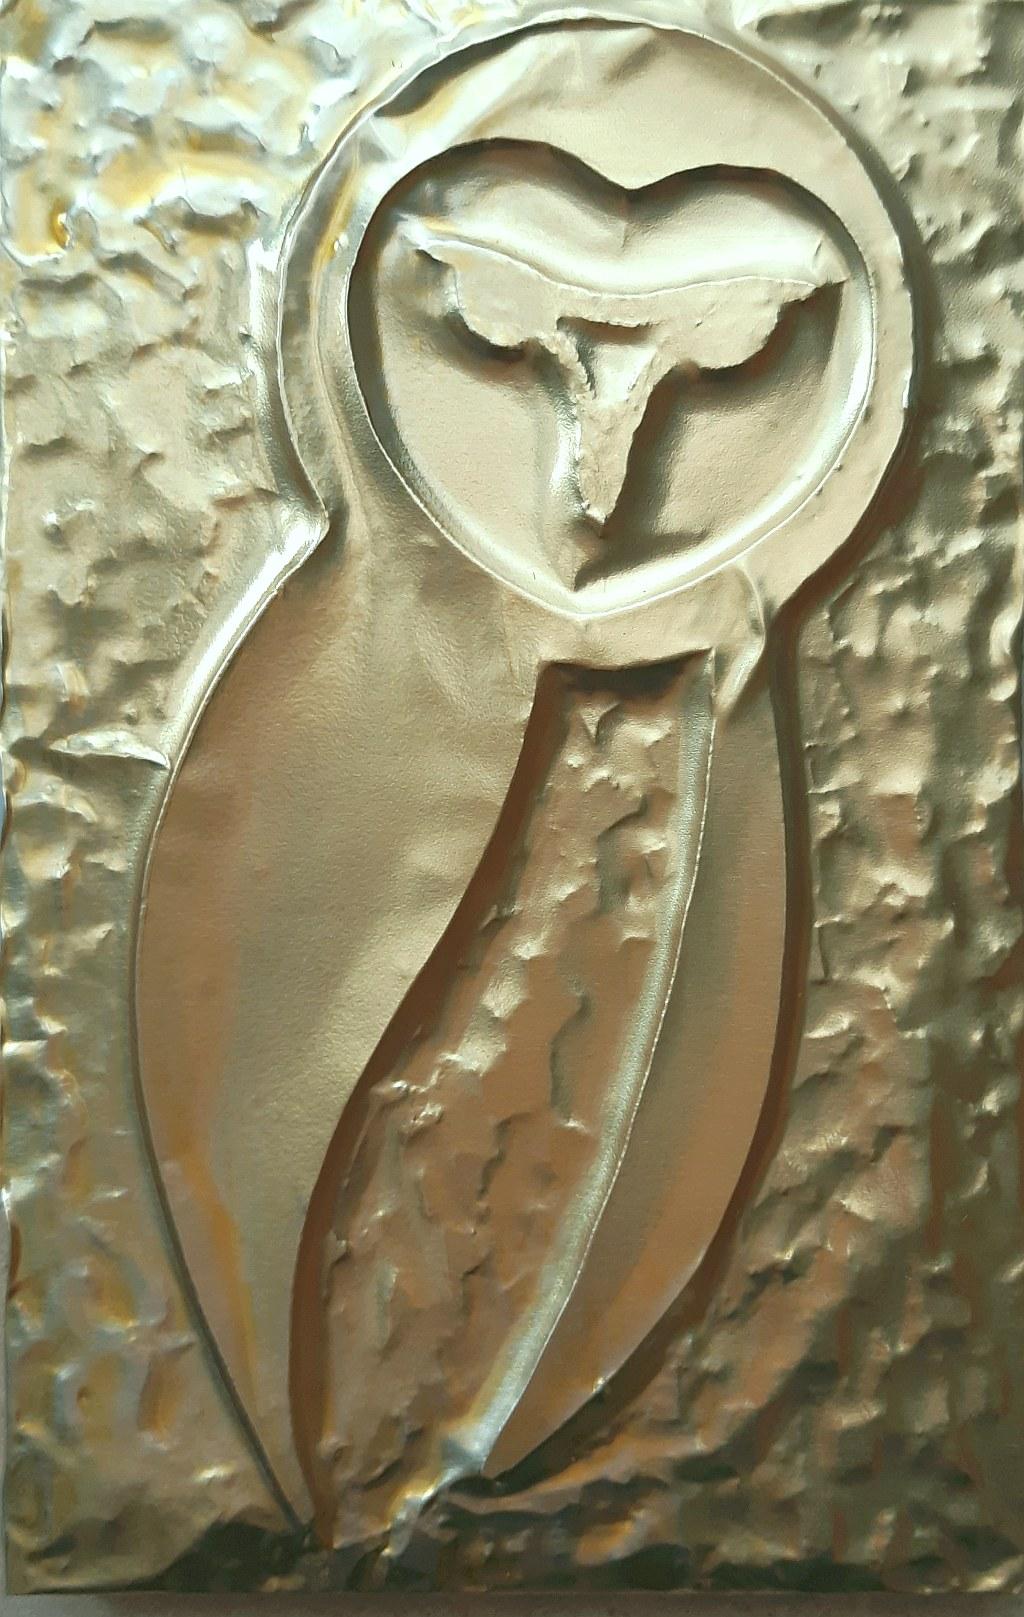 il Barbagianni - famelico predatore, capace di mangiare fino a tre topi al giorno, è gradito ospite degli agricoltori. Famoso per avere il volo più silenzioso fra tutti gli uccelli conosciuti, caccia nei terreni aperti ai margini dei boschi. Questo bassorilievo rappresenta il Barbagianni nella sua fisionomia - lamina di ottone - Claudio Bobbi - 2020